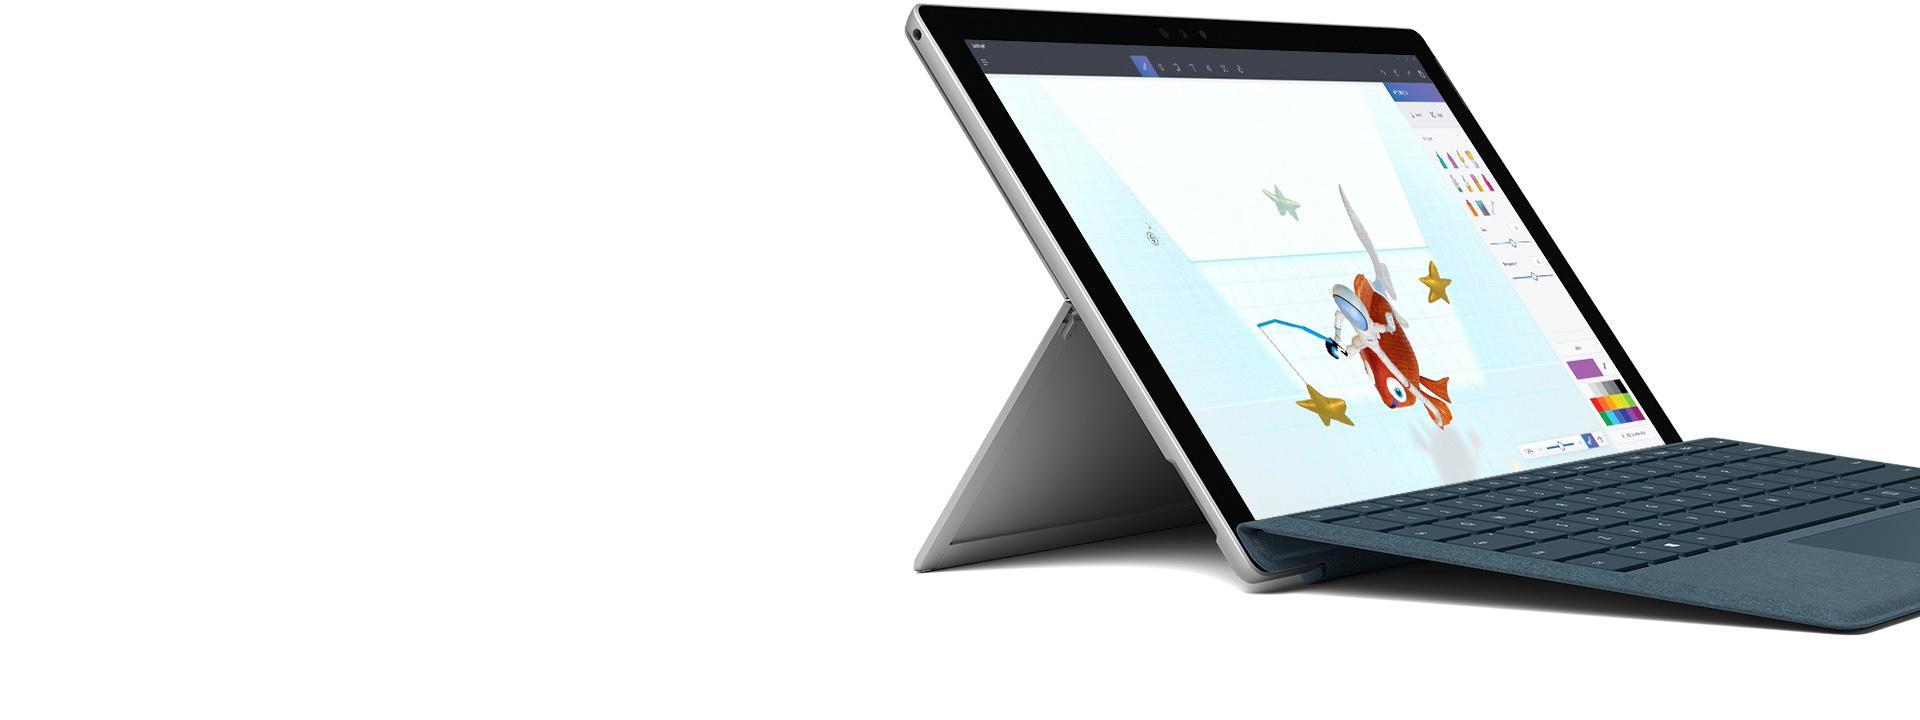 Surface Pro em Modo de Portátil com Caneta e Capa Teclado.